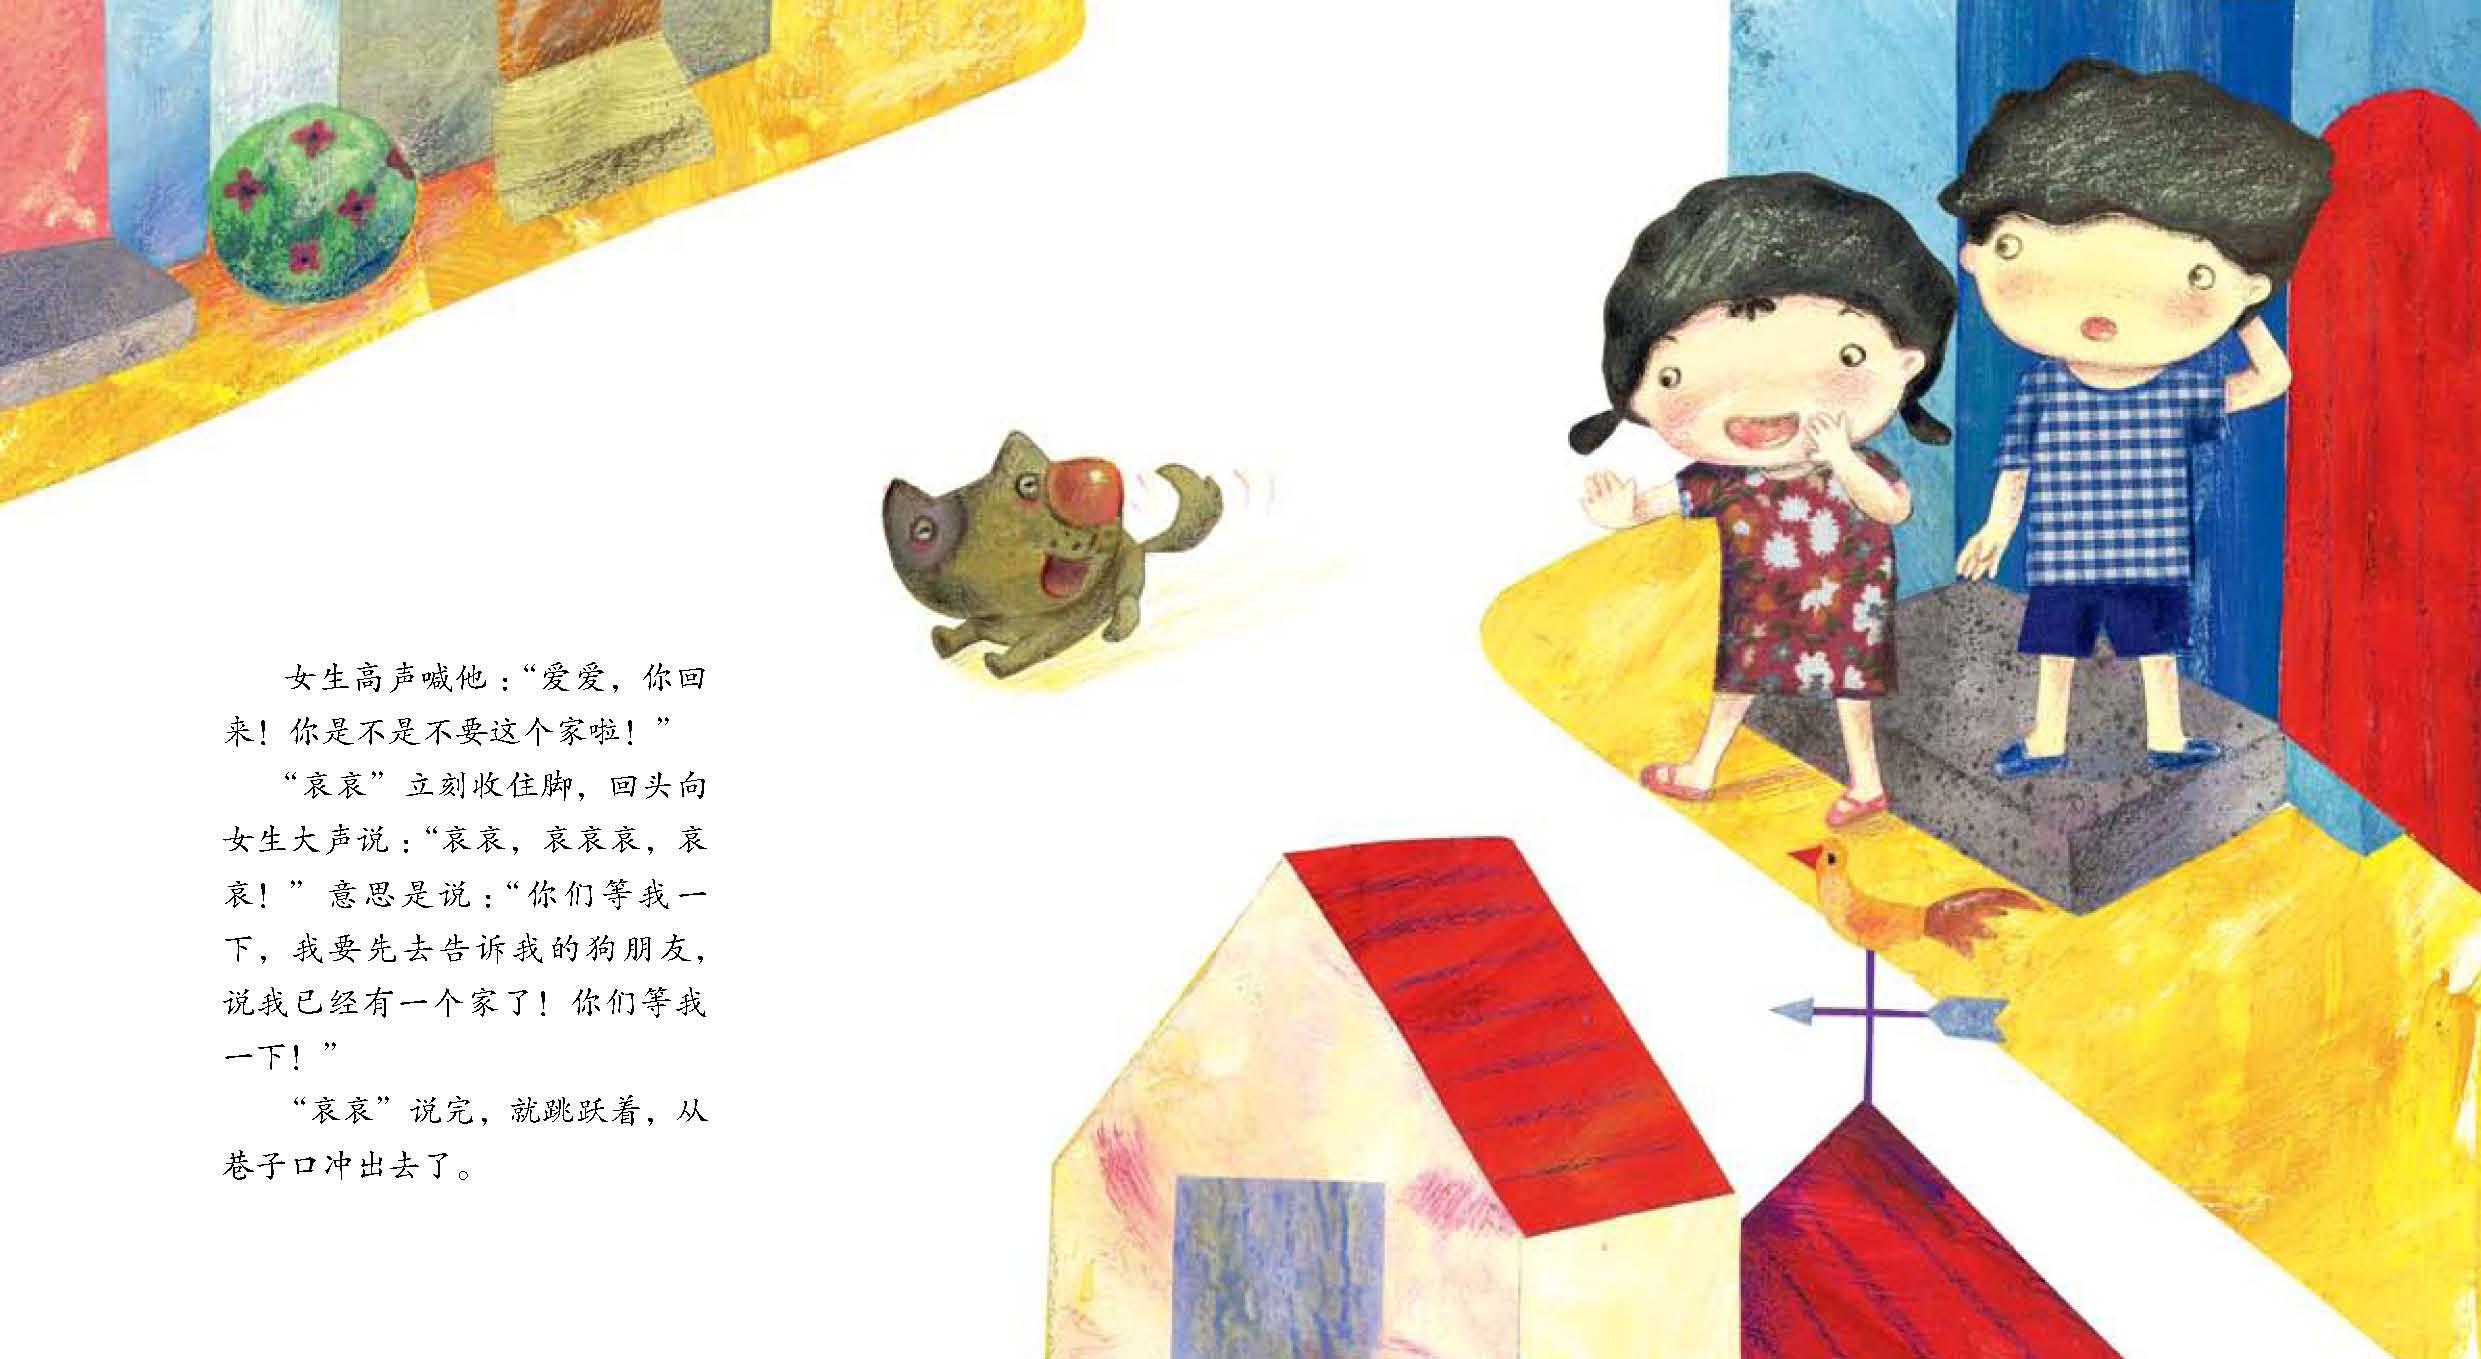 形容小孩可爱的诗